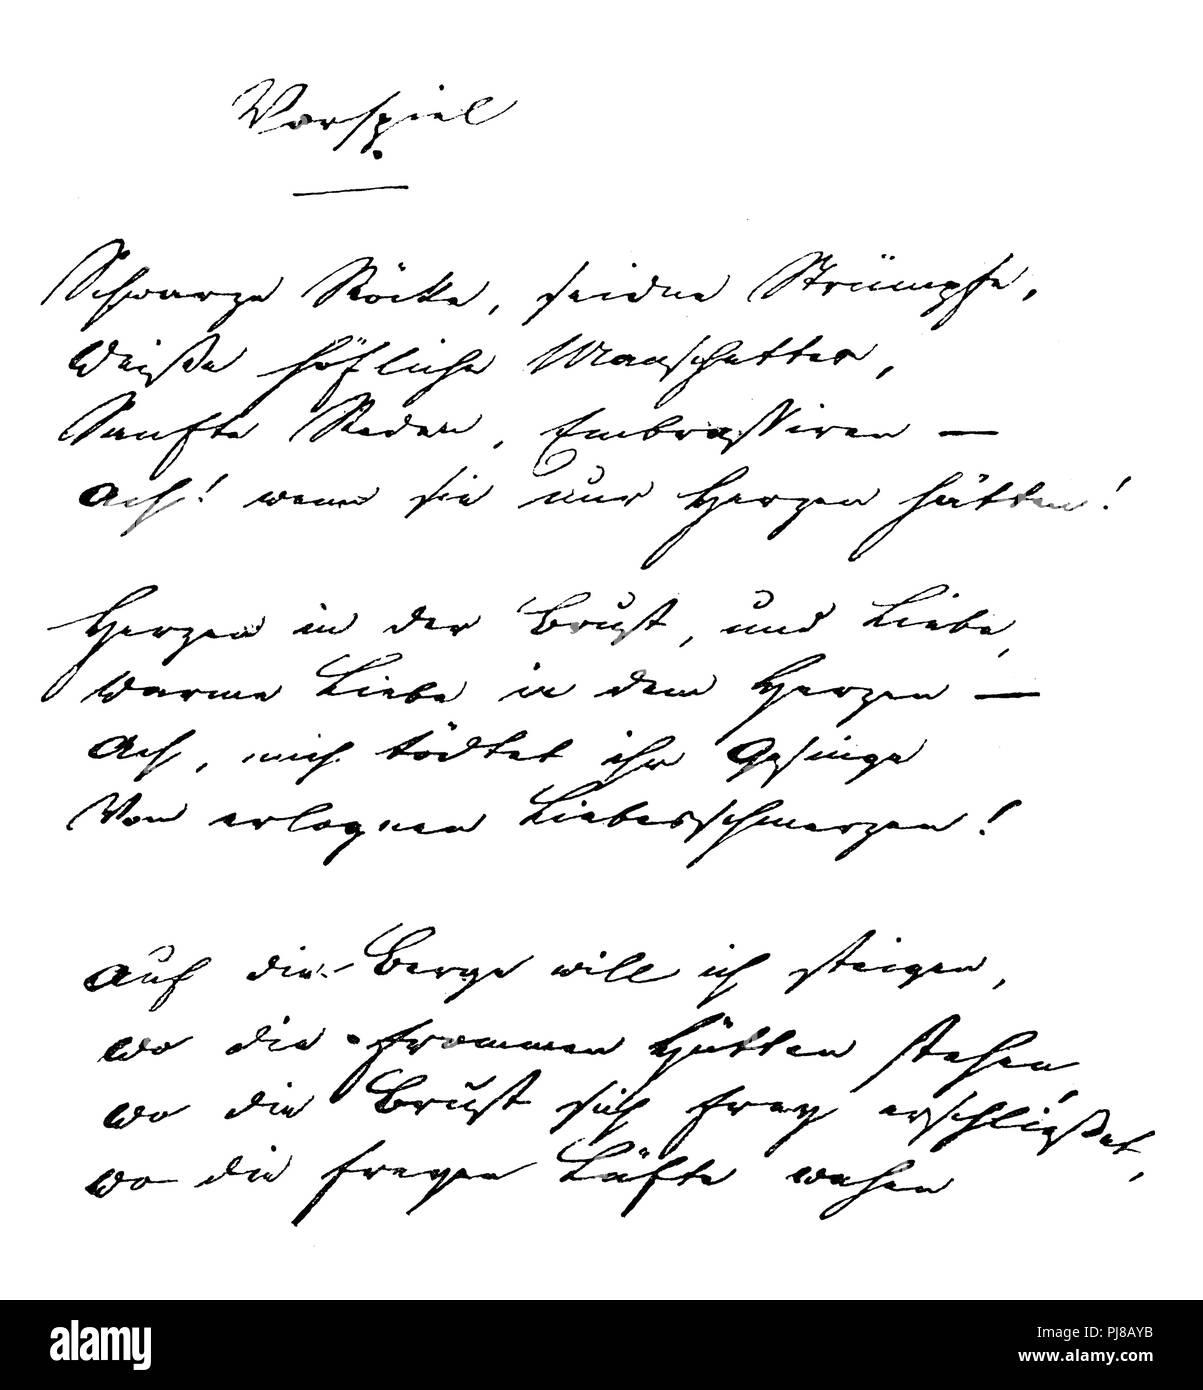 Poem 'Wortspiel' by Heinrich Heine, p. 1. Original in possession of the Dame of König-Warthausen in Stuttgart, - Stock Image